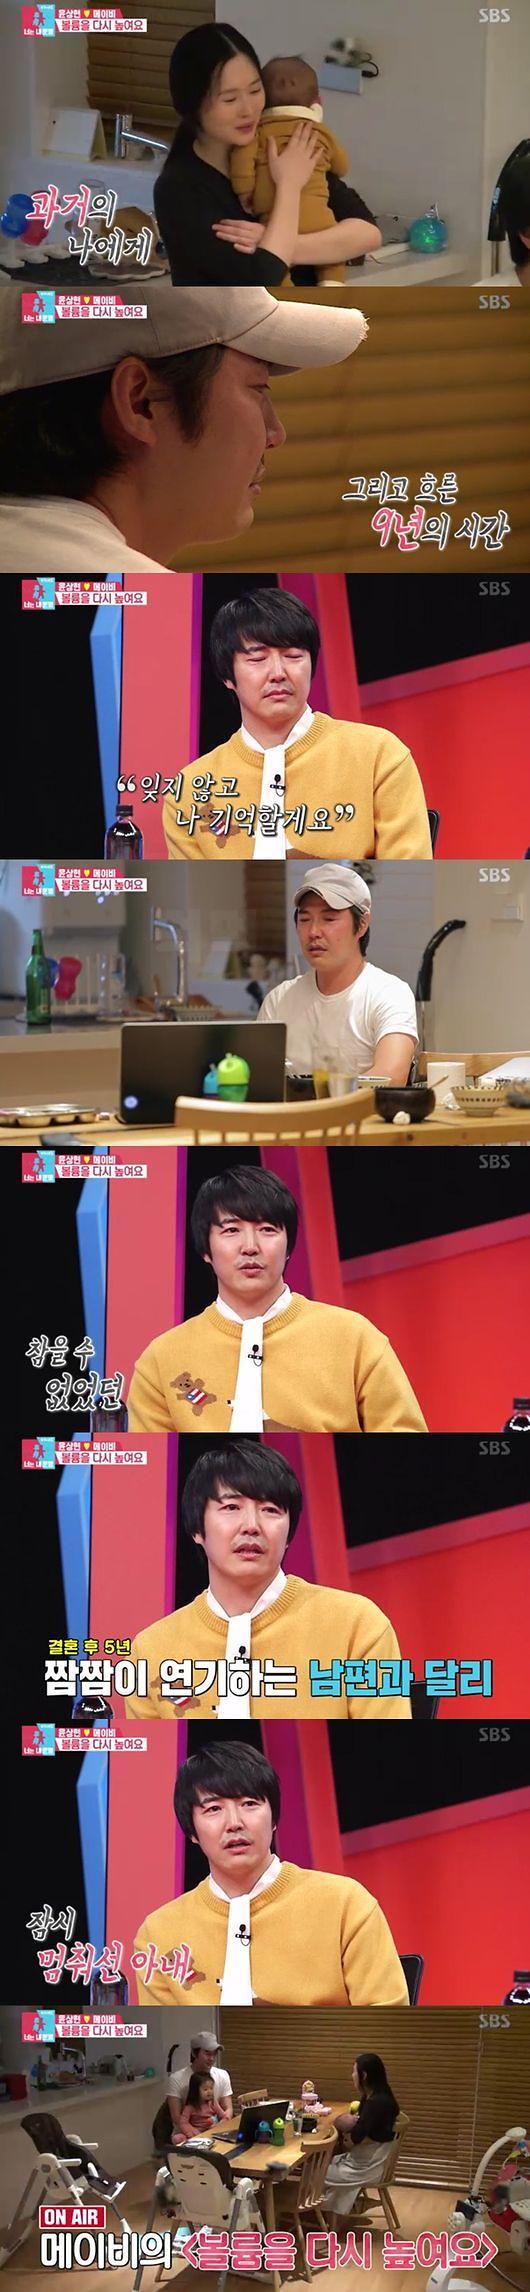 이사강♥론, 닭살 커플도 못 이긴 메이비♥윤상현…동상이몽2 동시간대 시청률 1위